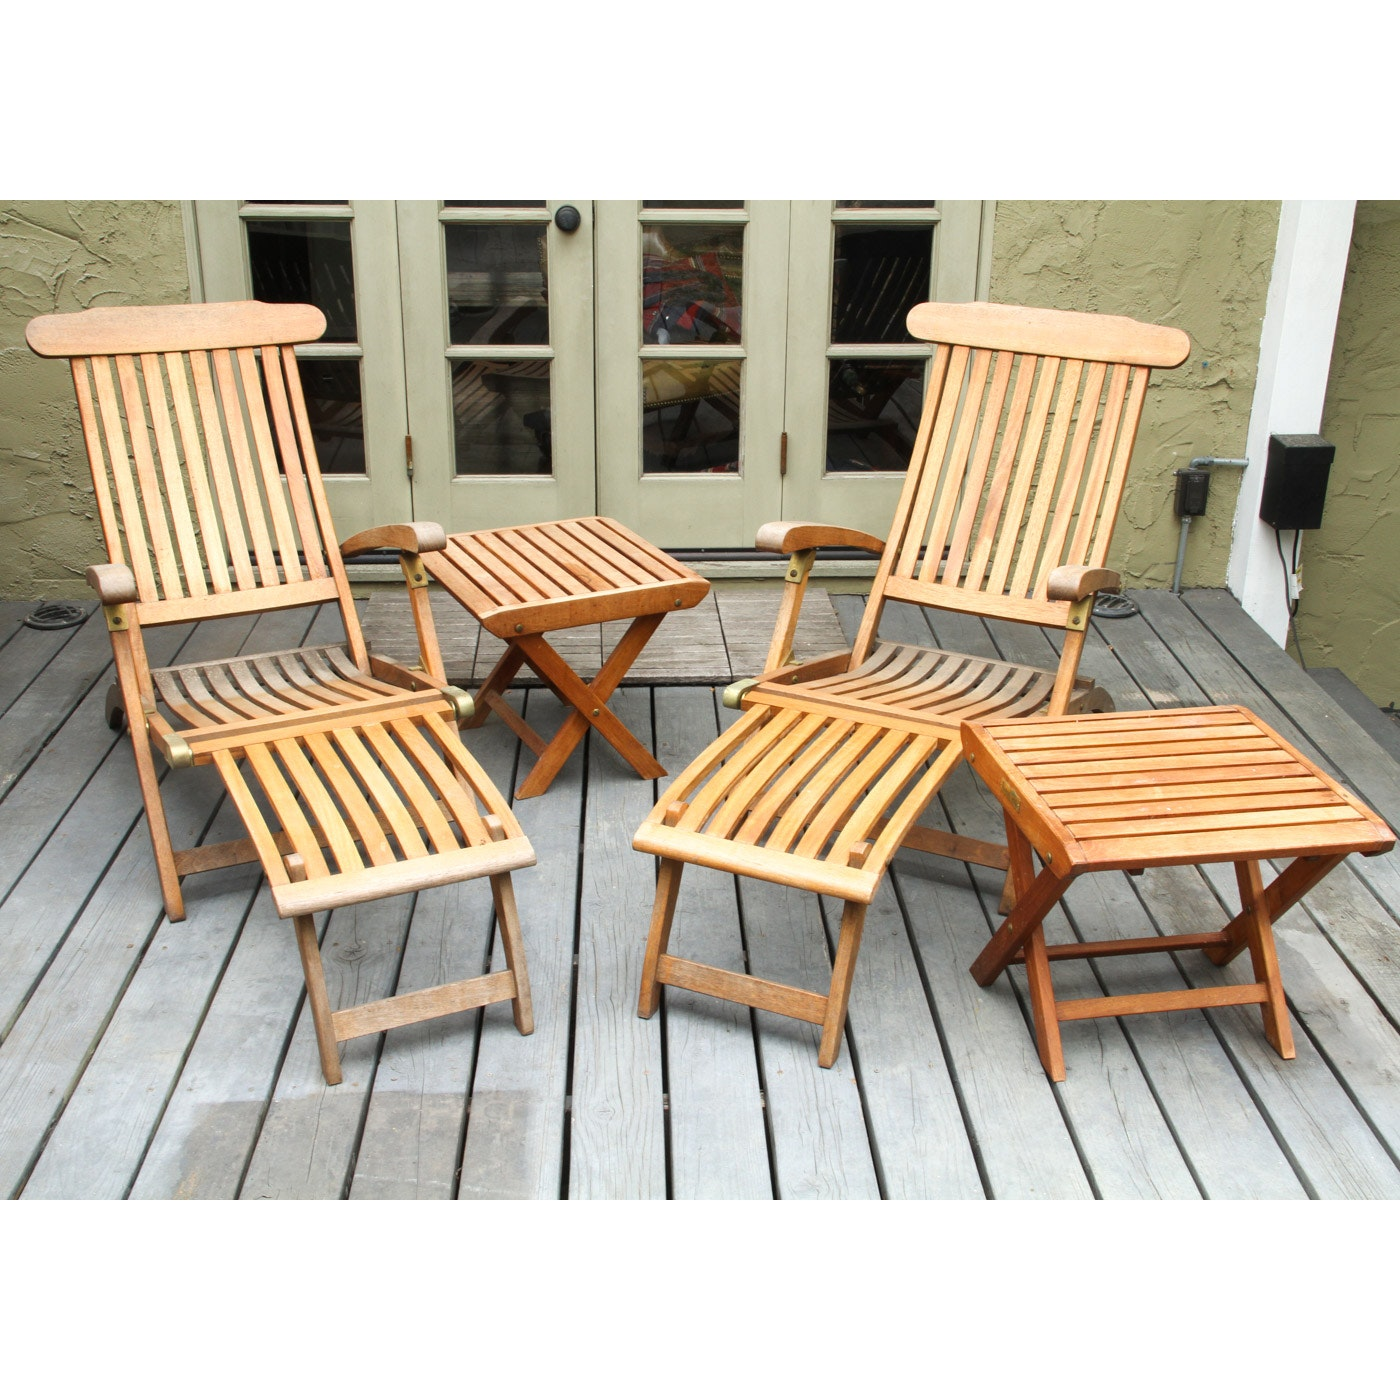 royal teak patio lounge chair set